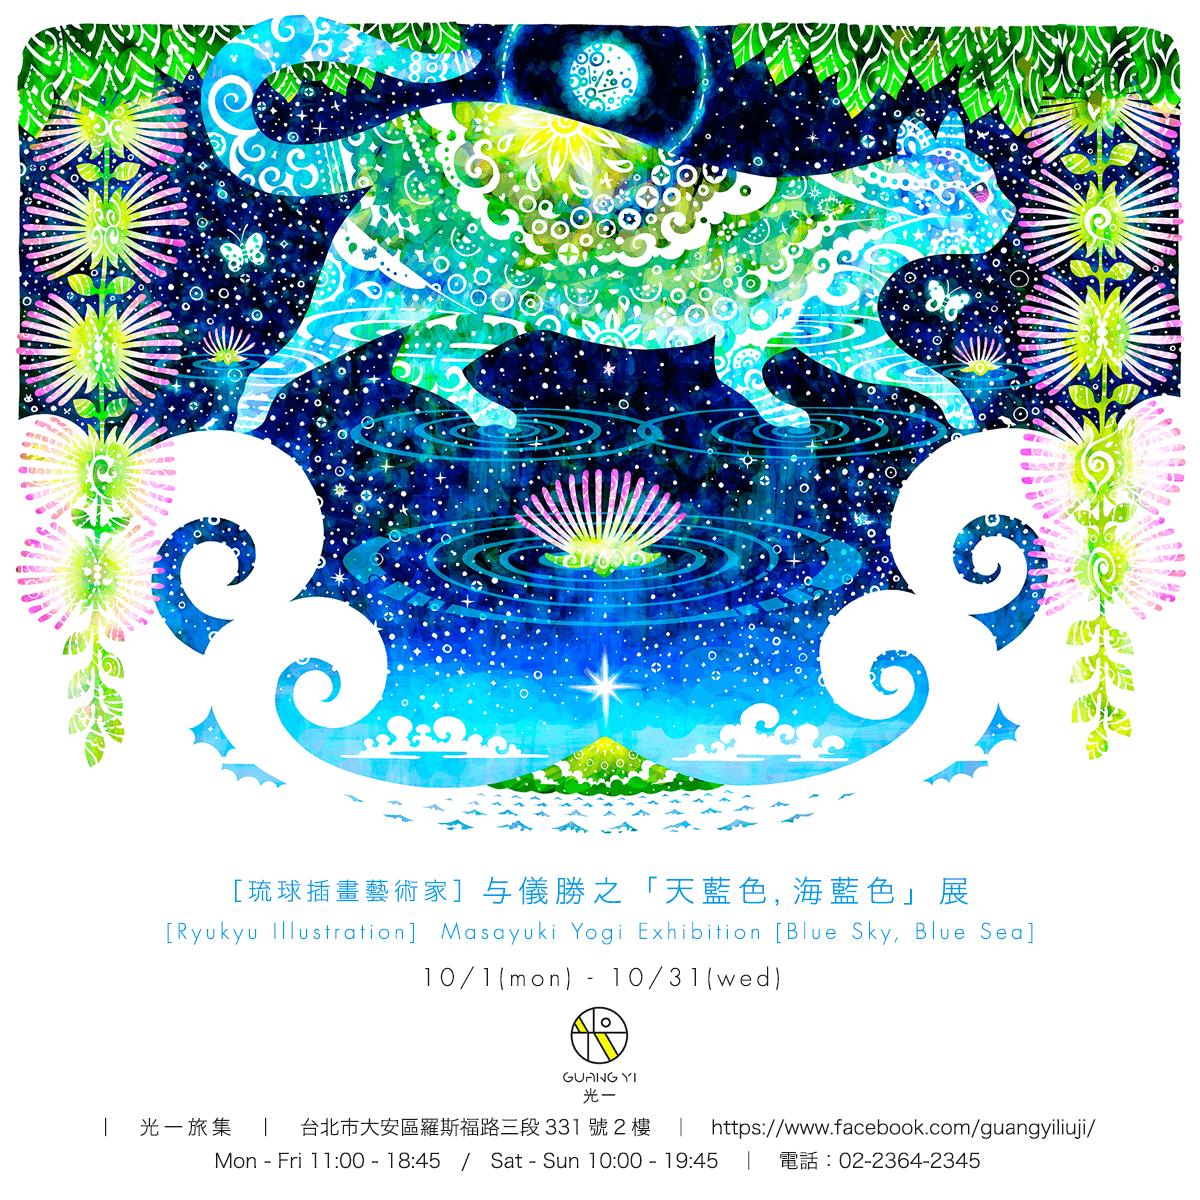 台湾個展「天藍色,海藍色」@光一旅集